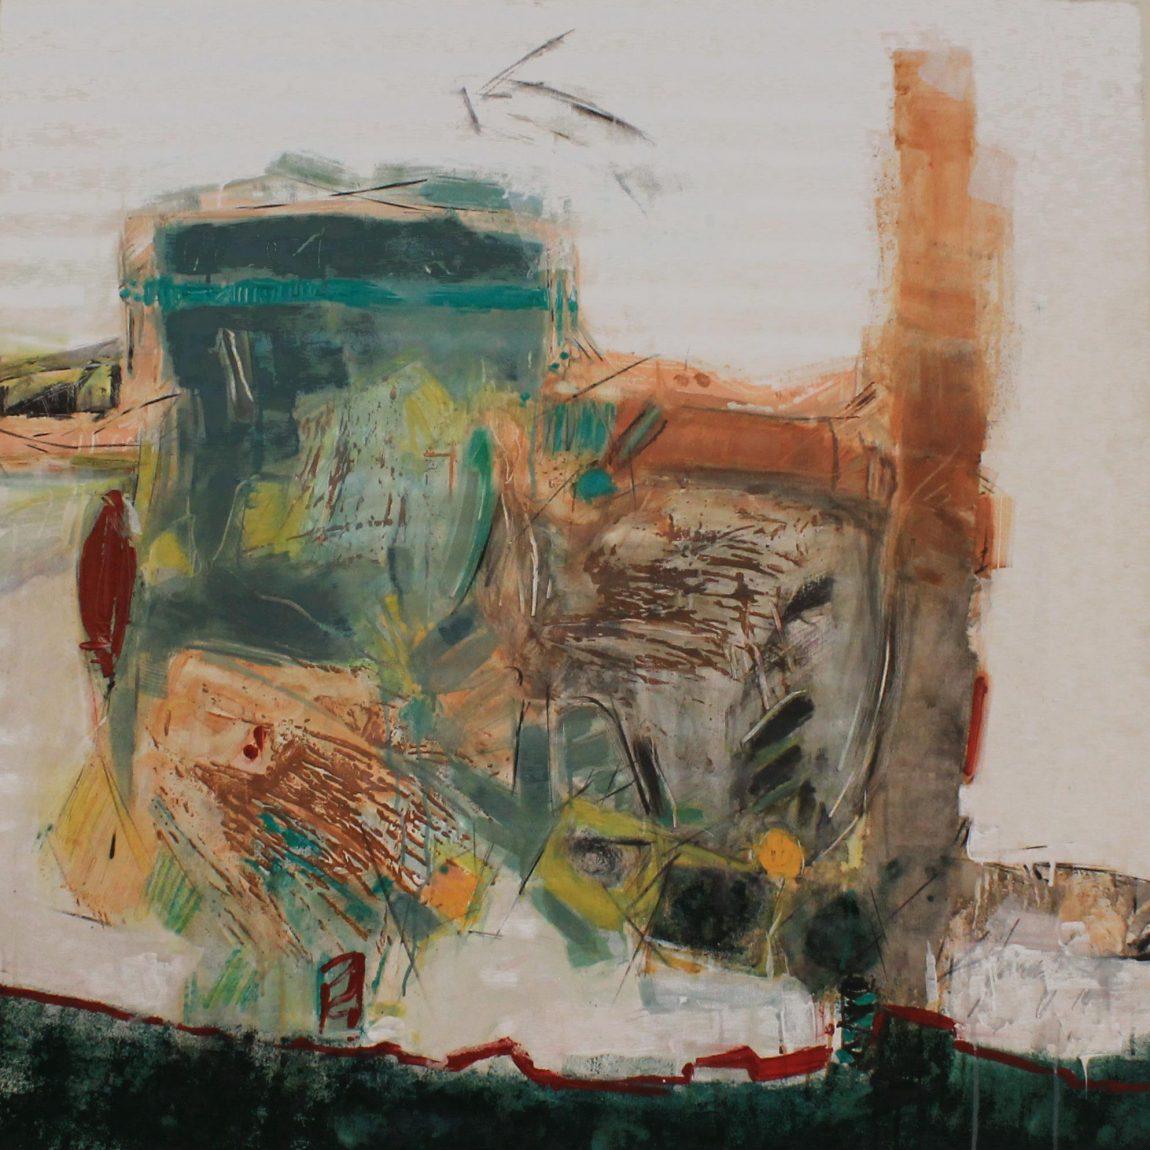 Eser Adı: One the surface - Teknik: Karışık Teknik Ölçü: 60 x 90 cm - Koleksiyon-